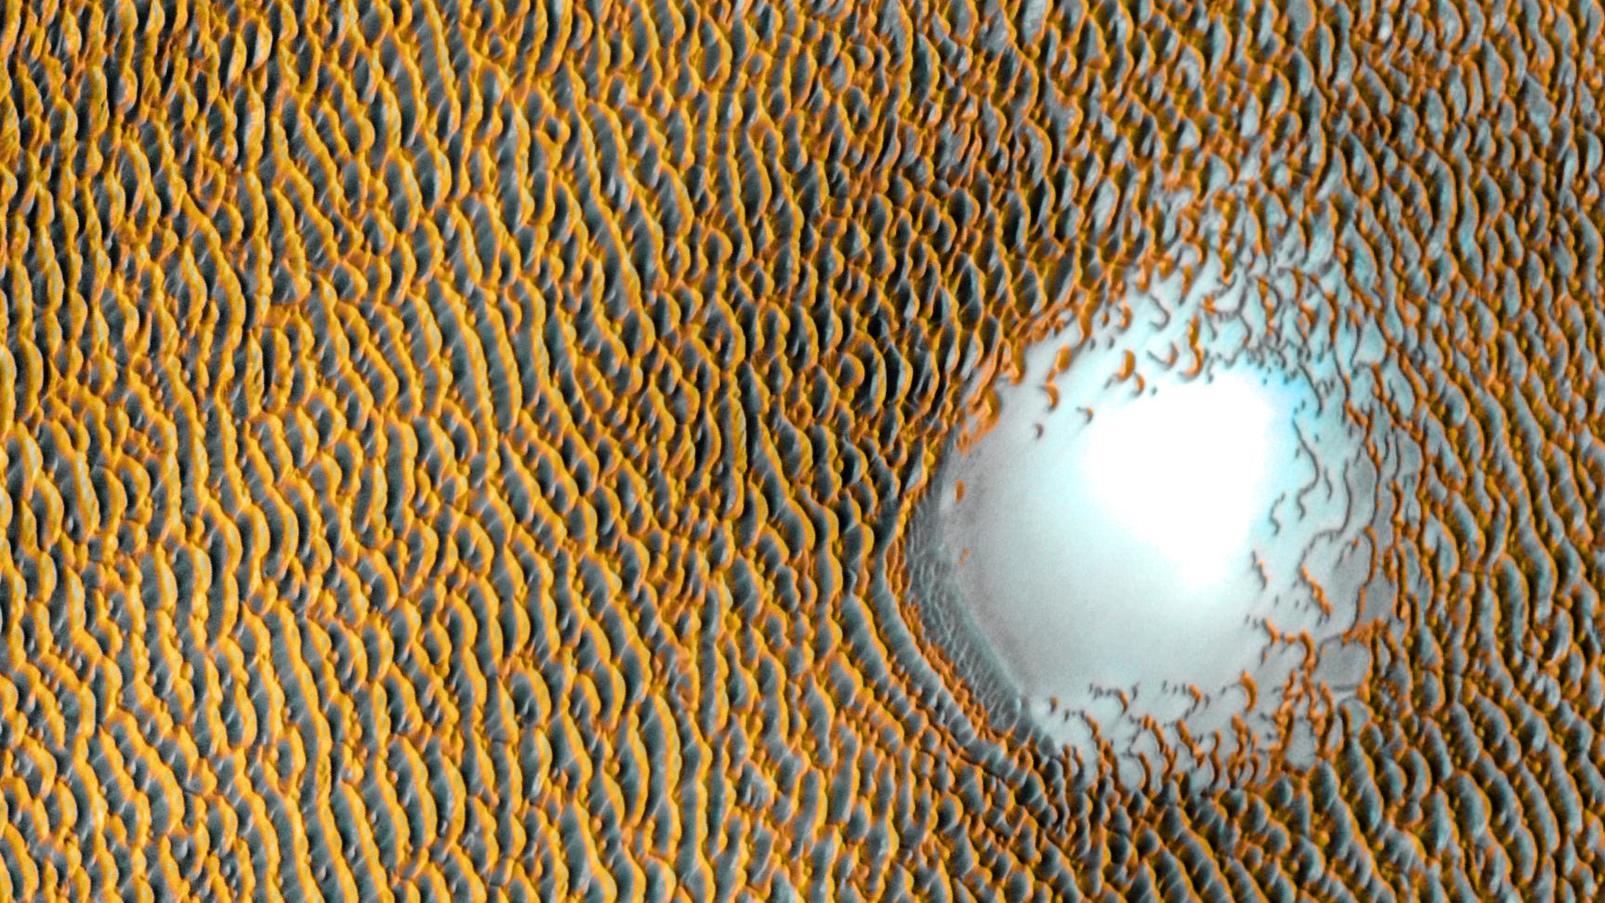 Blaue Düne auf dem Mars: Nasa veröffentlicht phantastisches Bild des Roten Planeten